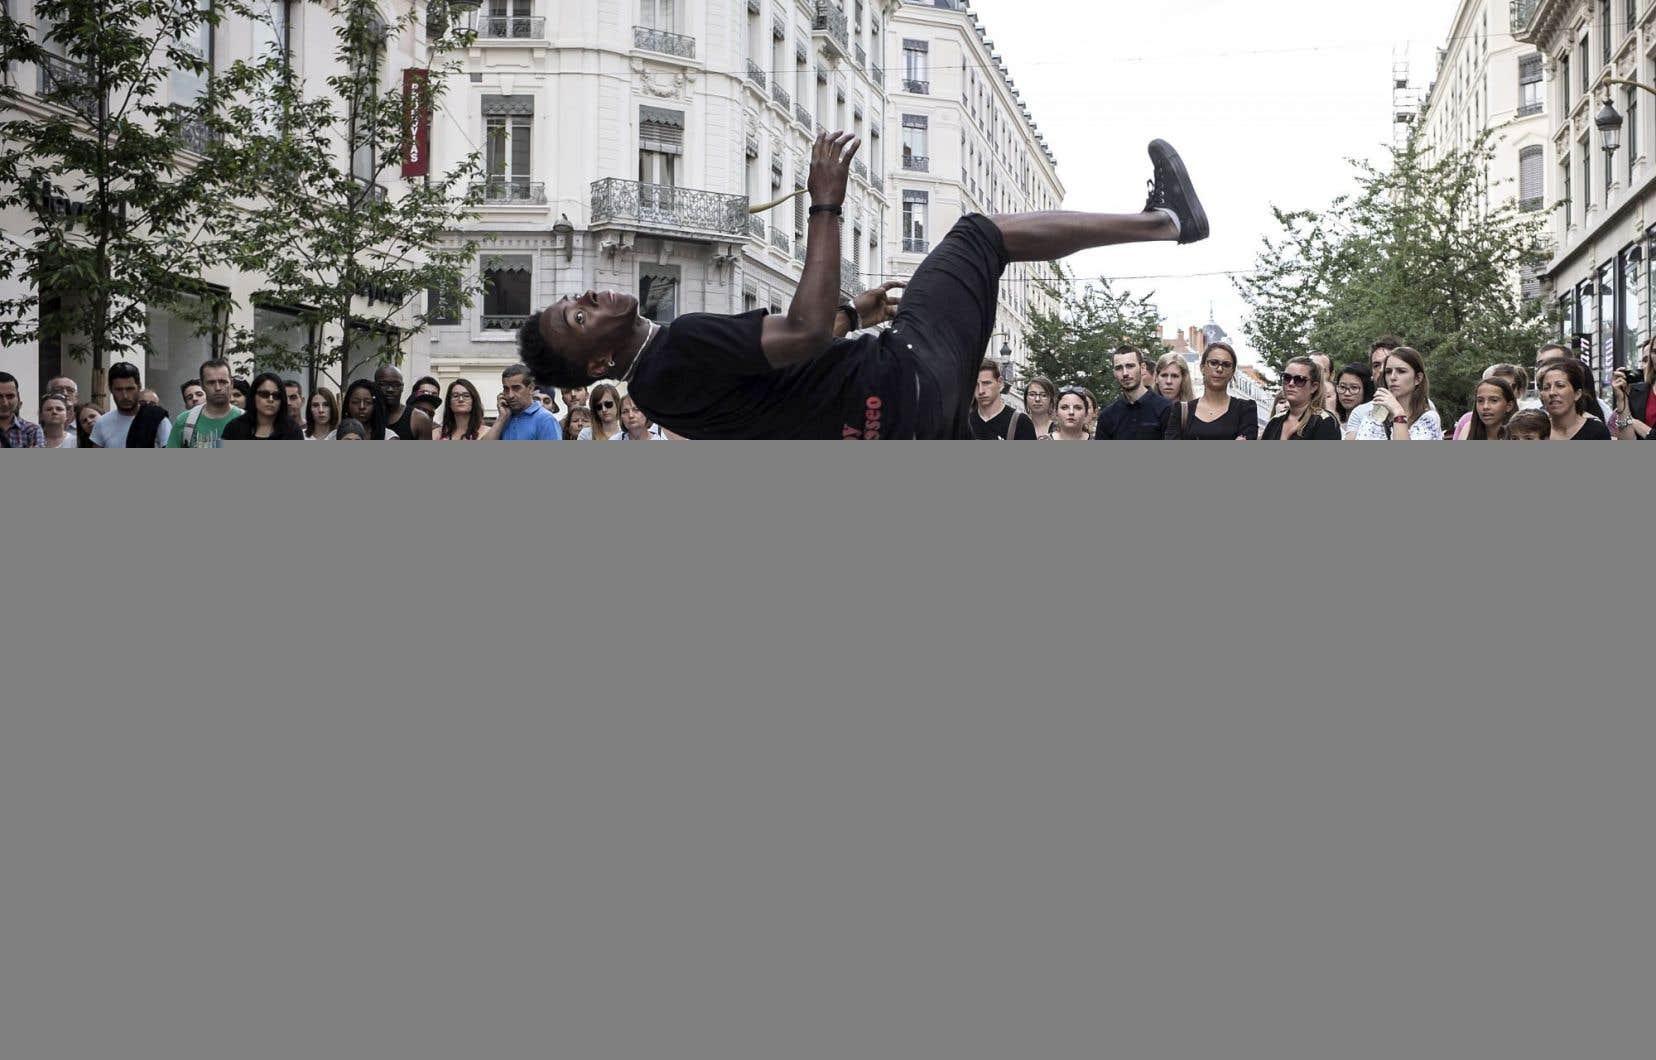 À Lyon, des danseurs attirent l'attention de la foule réunie à l'occasion de la Fête de la musique.